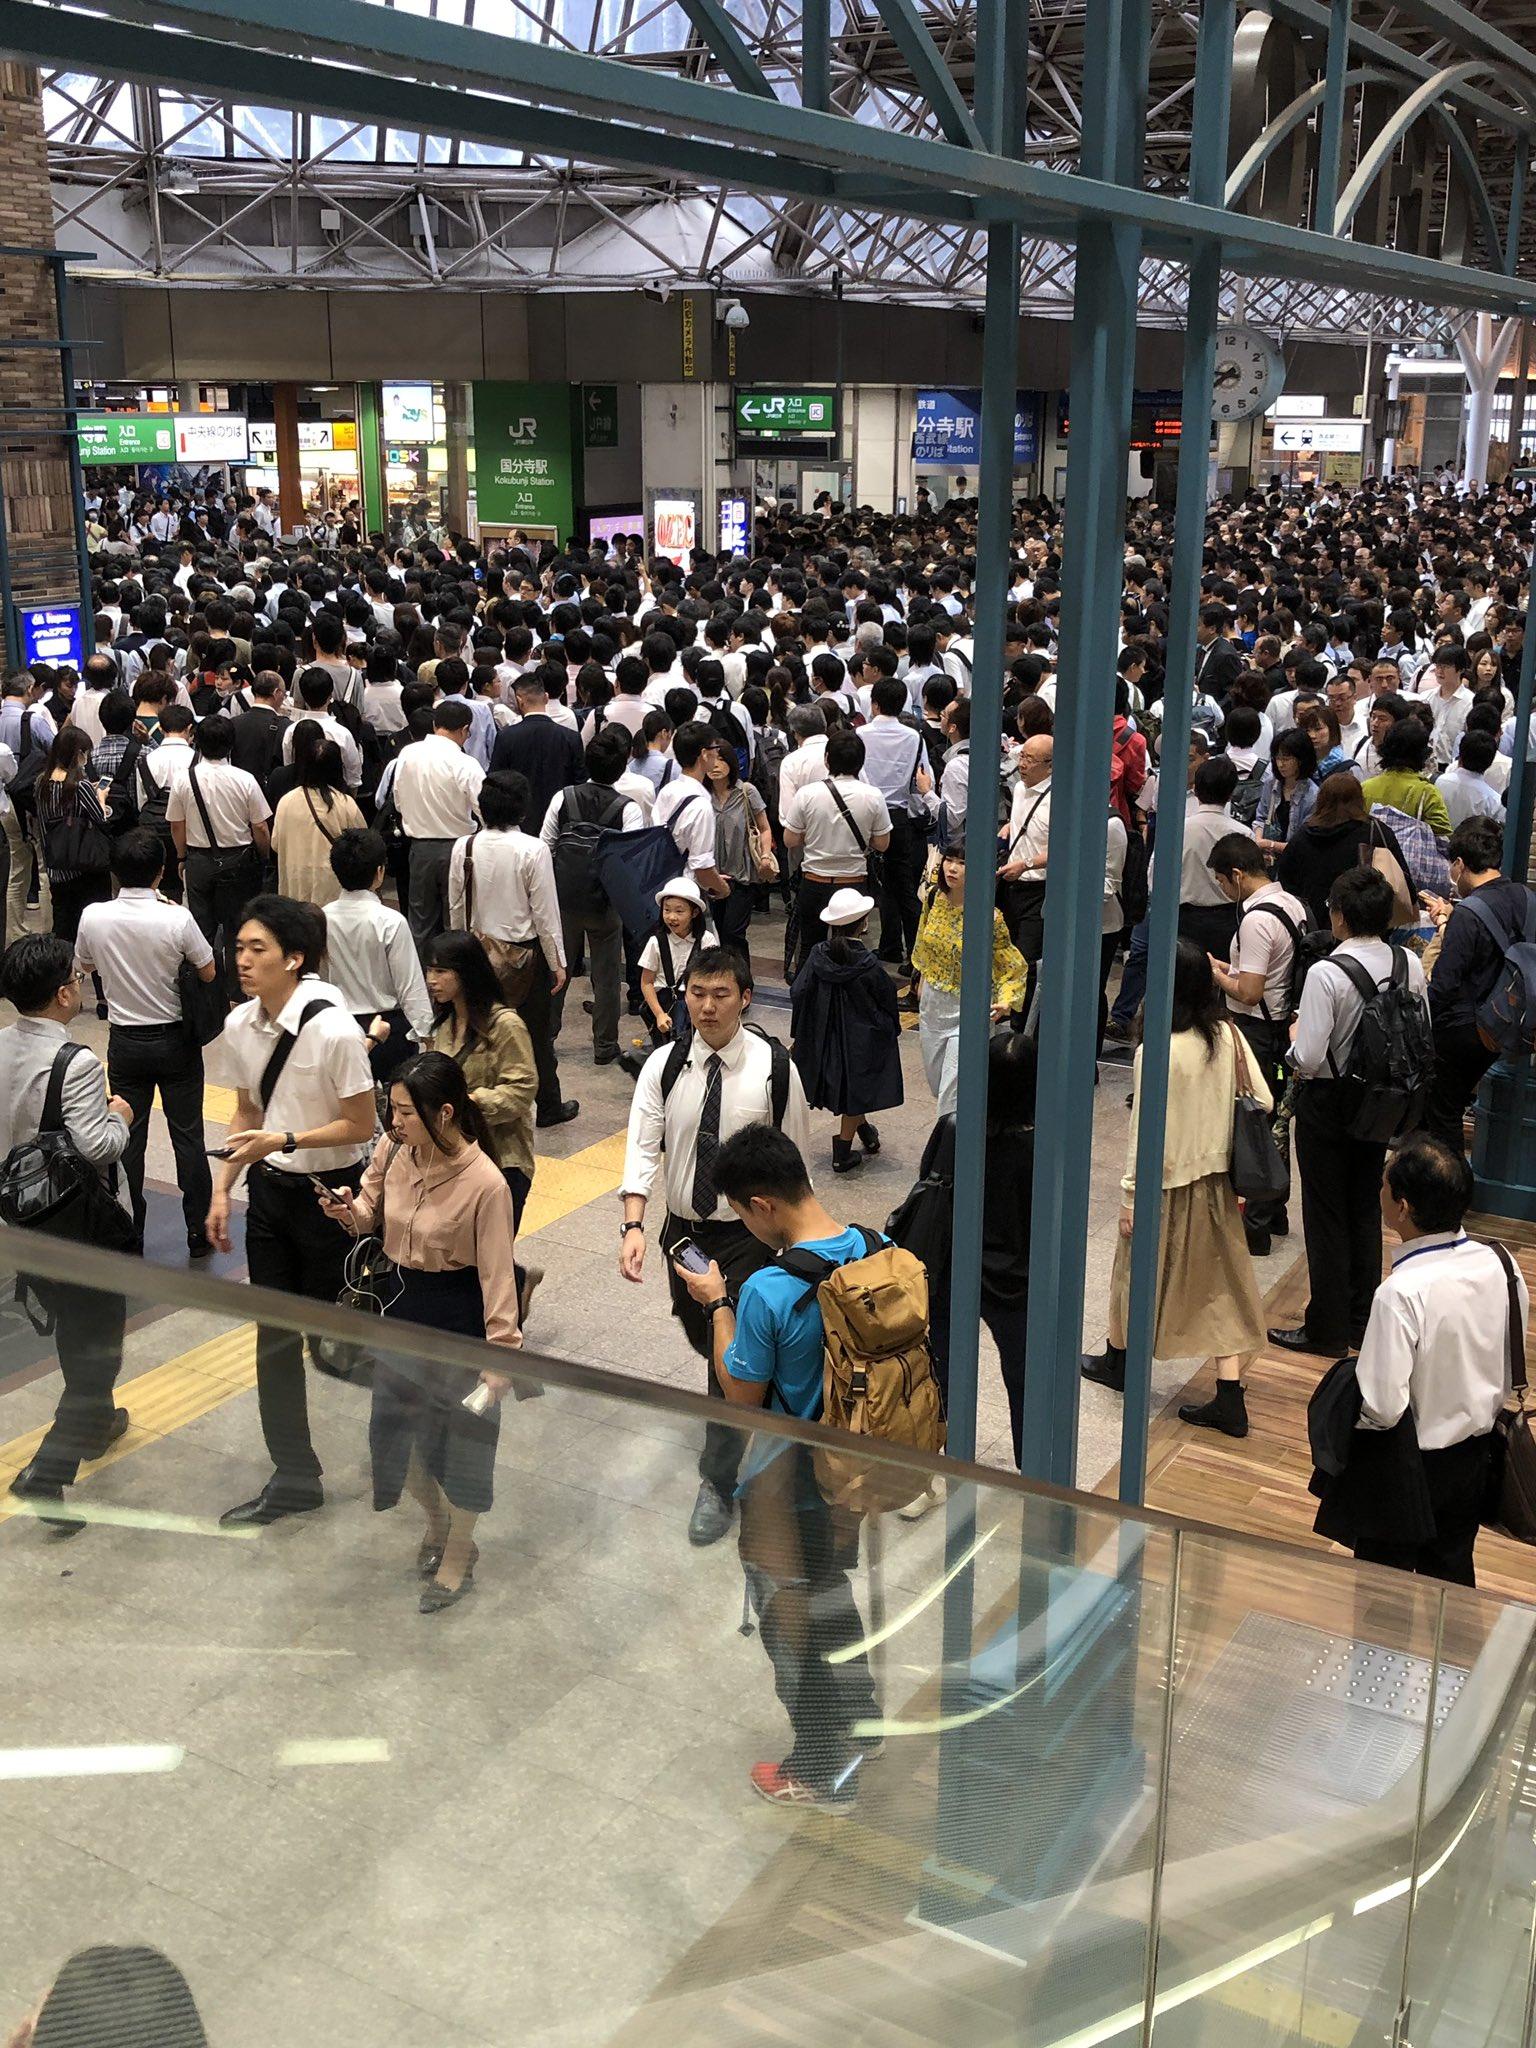 立川駅の人身事故で国分寺駅が大混雑している画像